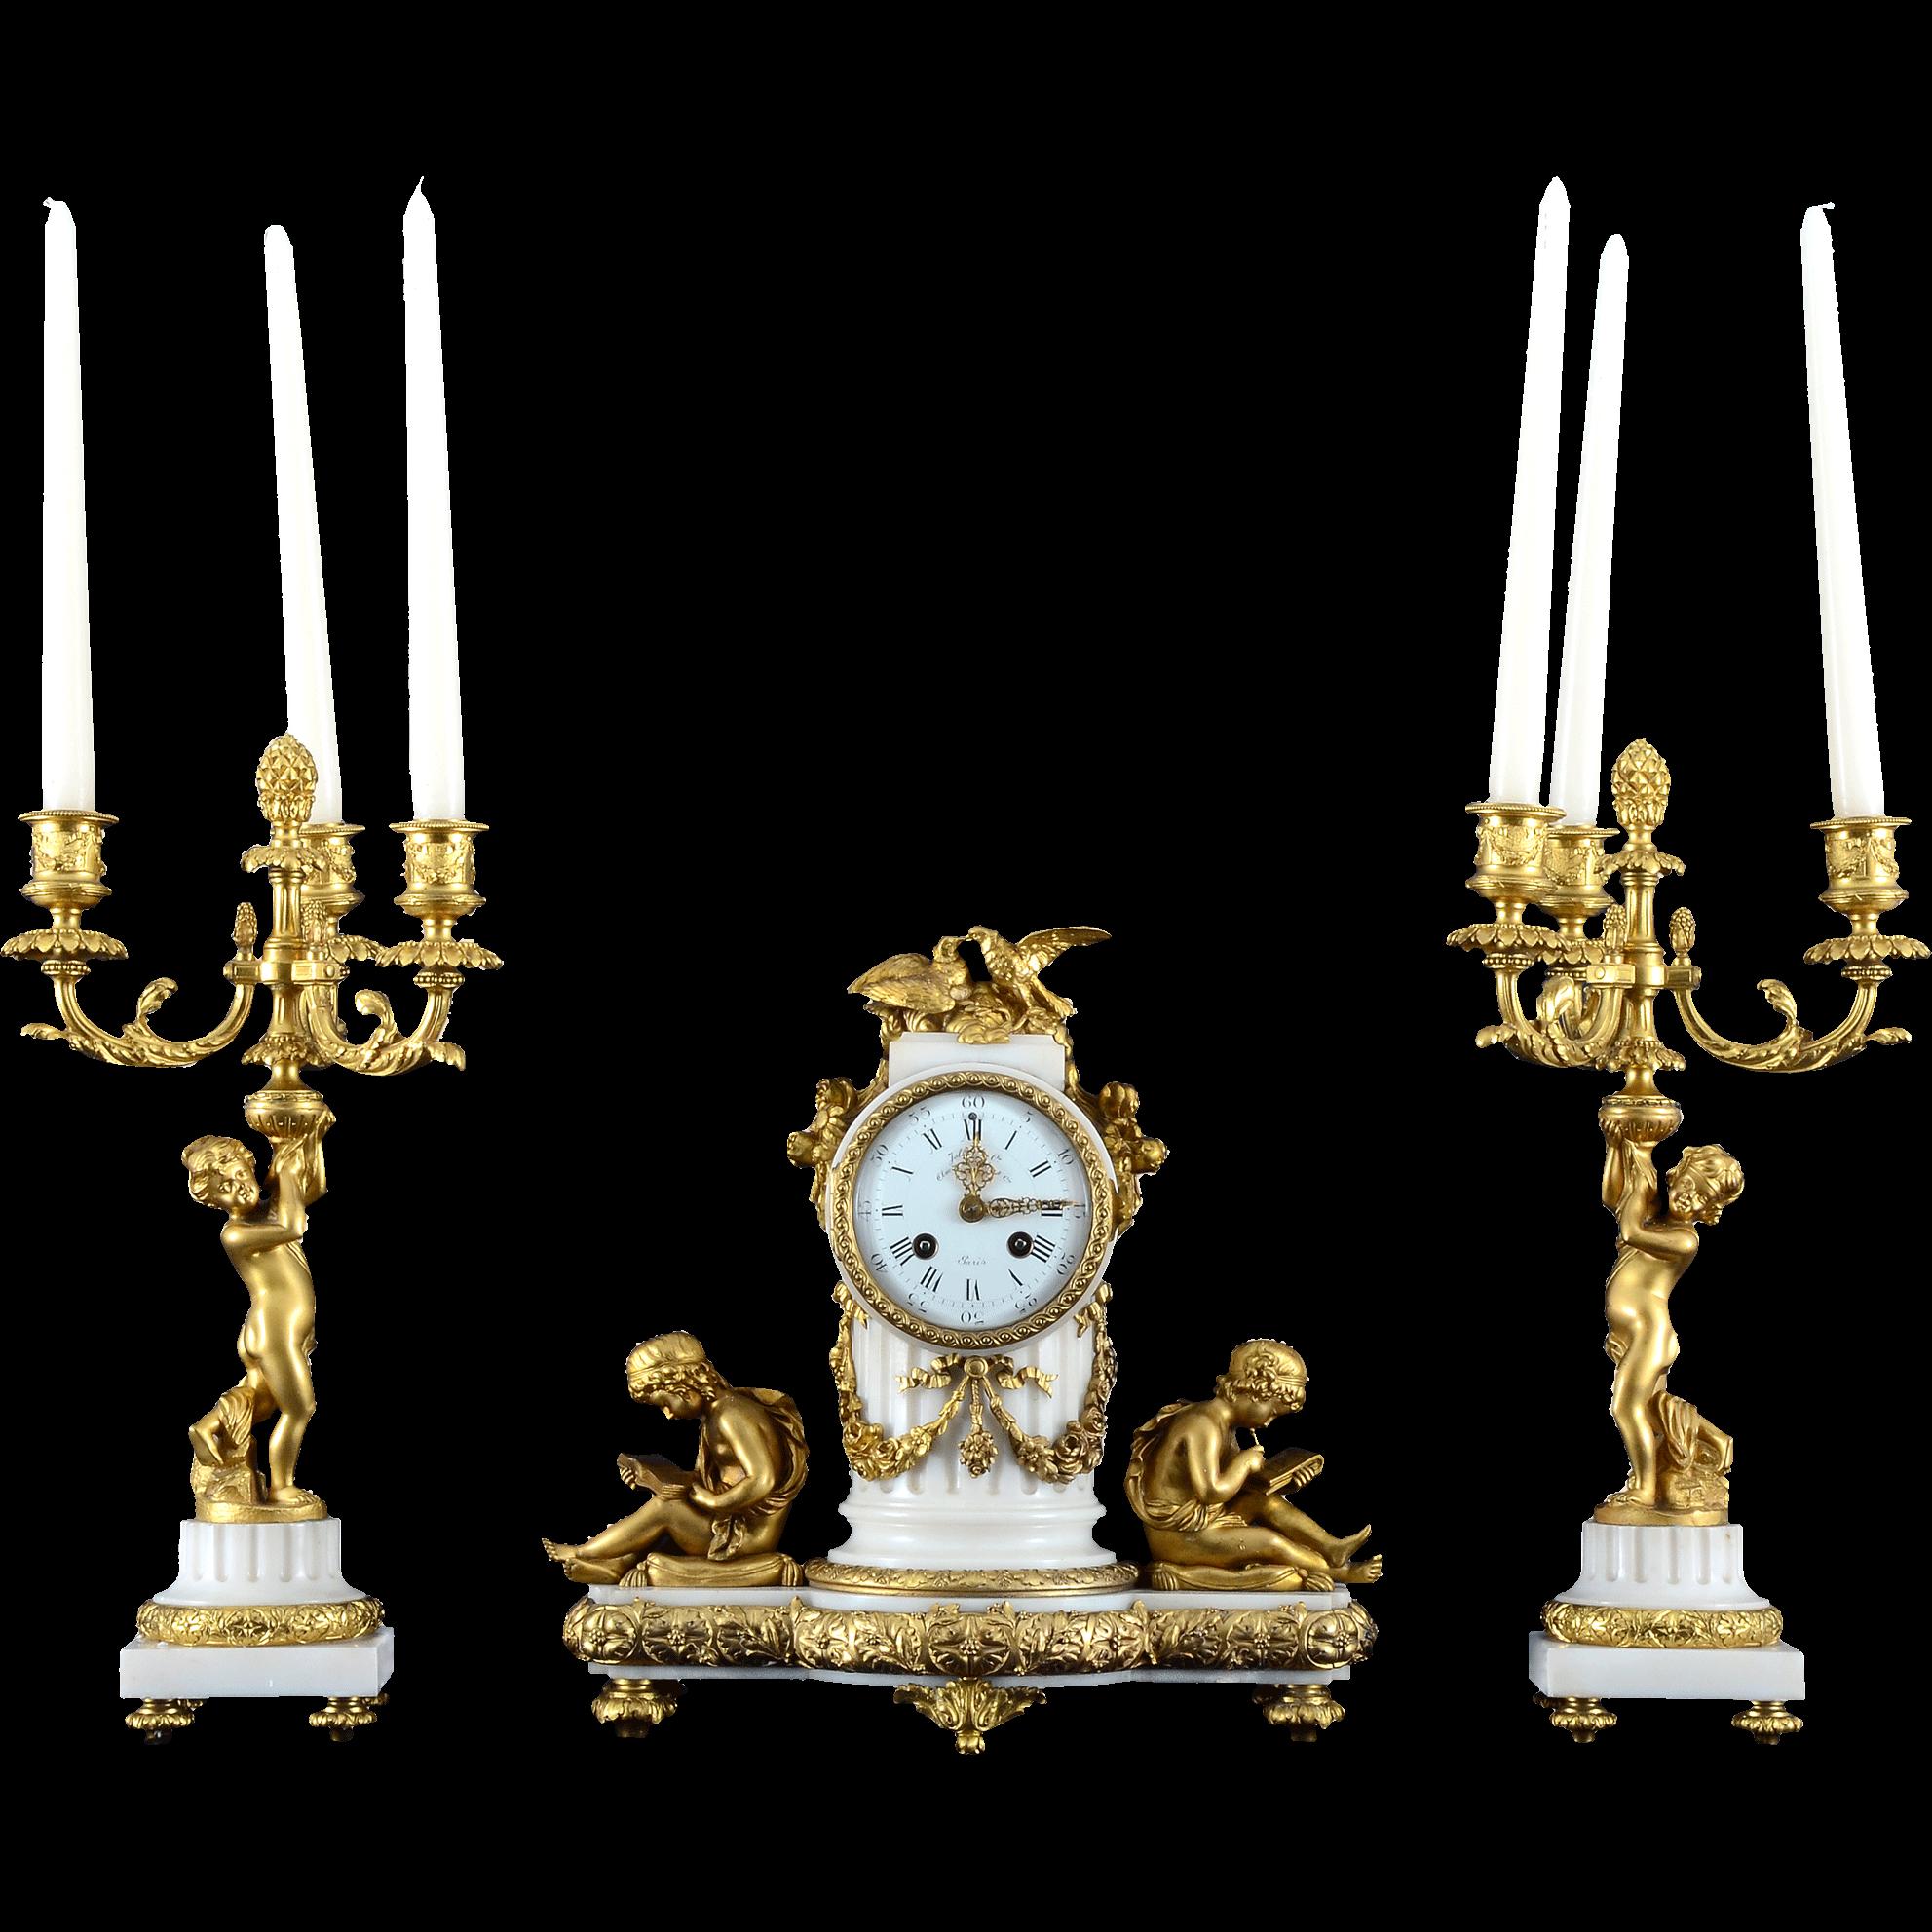 French Three Piece Garniture Clock Set by Jollet & CIE Paris